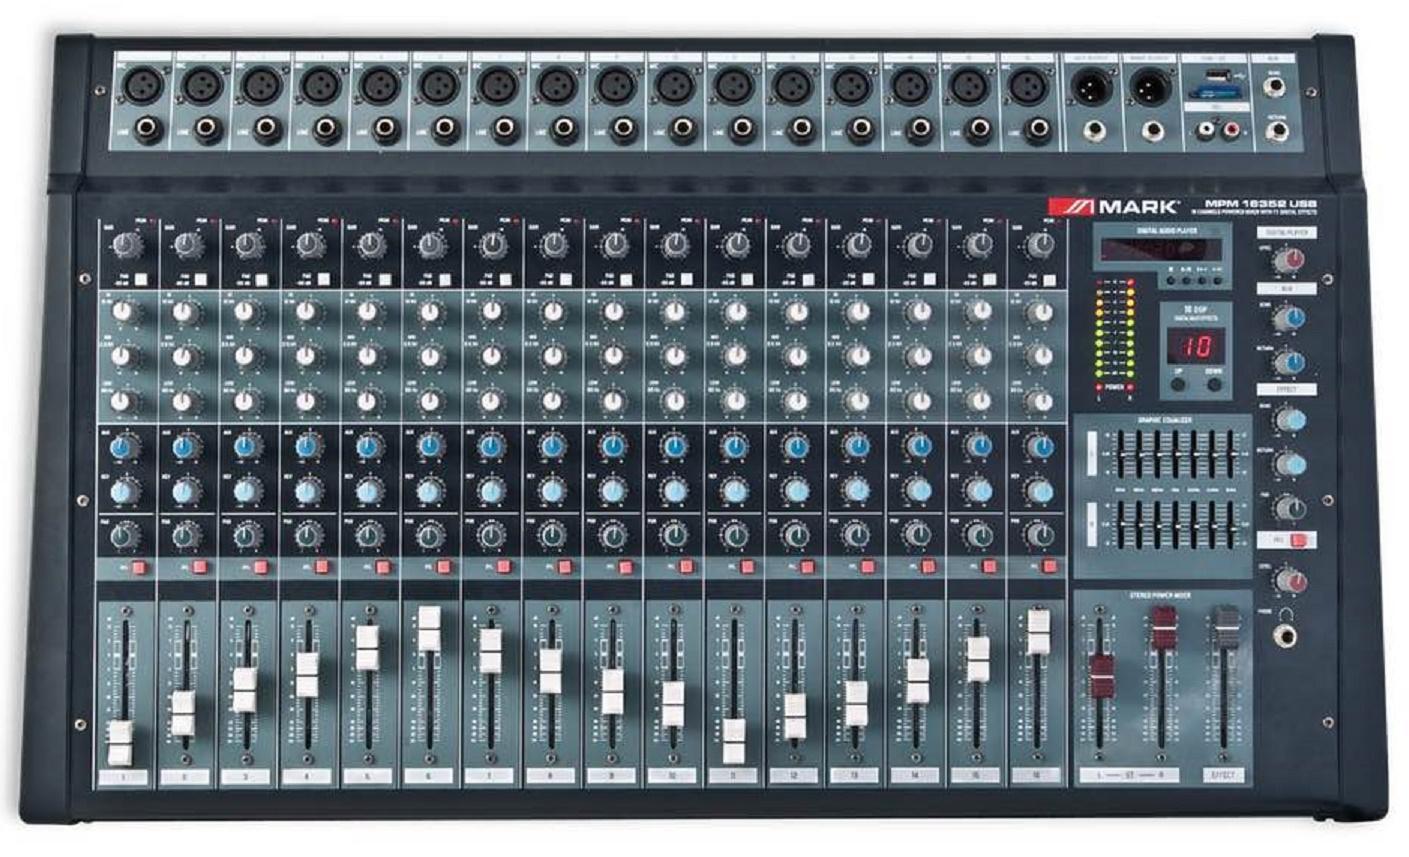 Mark Mpm 16352 Usb Bt Mezclador Amplificado